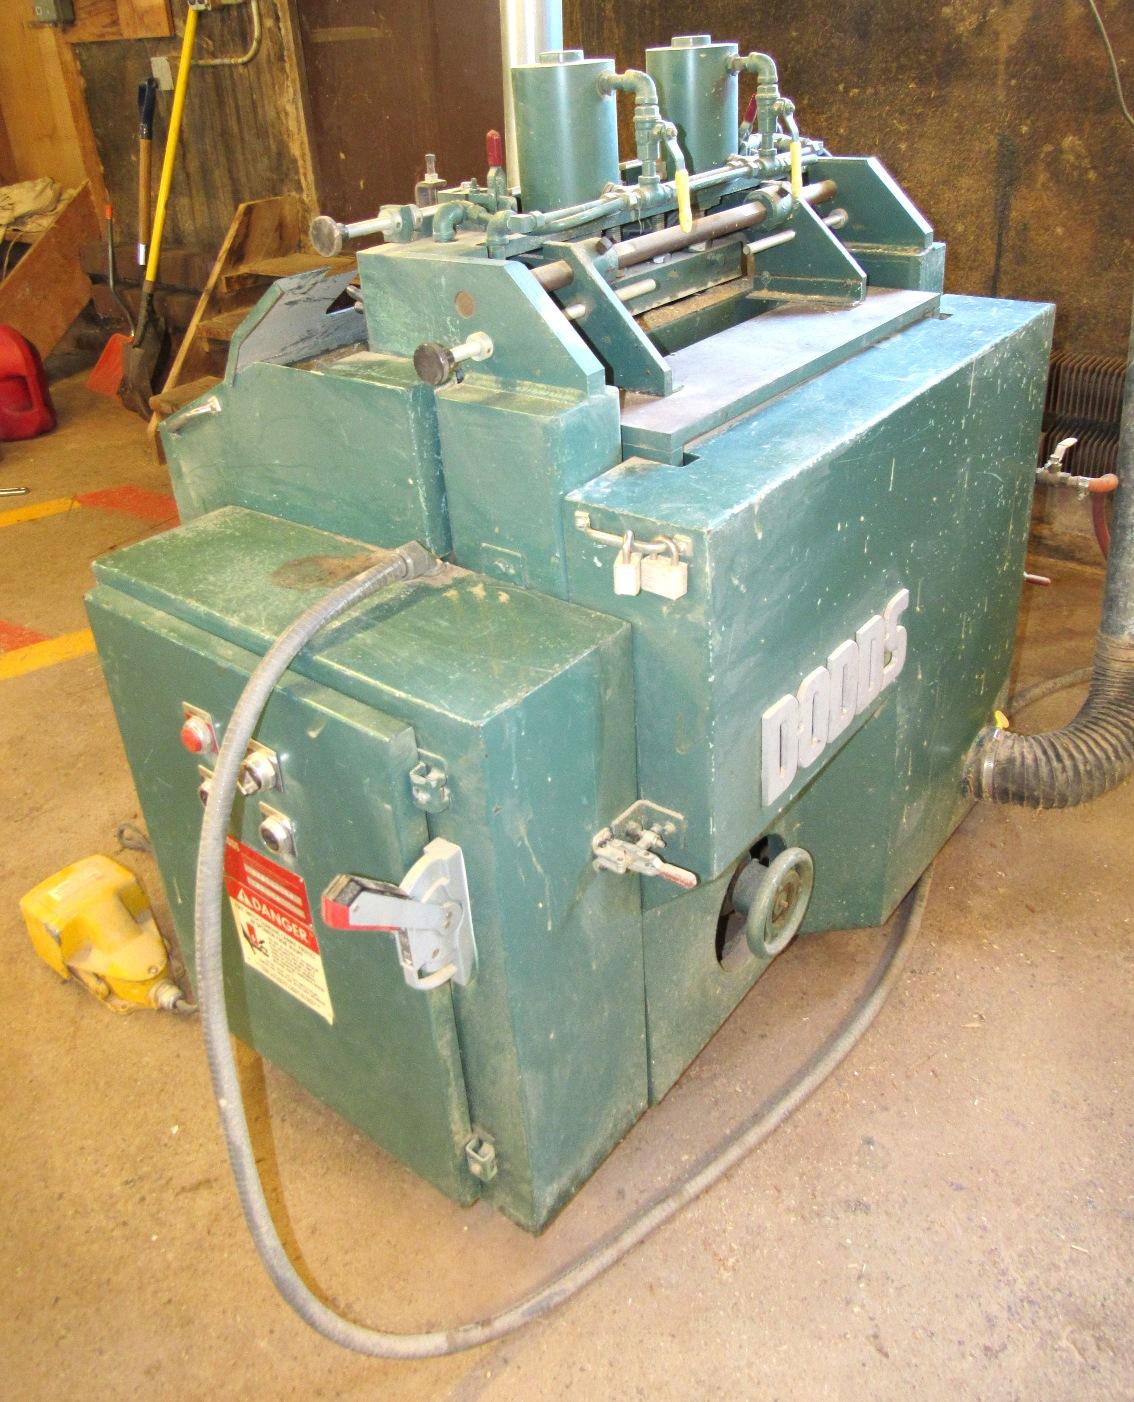 Lot 25 - Dodds Mod. SE-15 DoveTailer - S/N D 8874-196